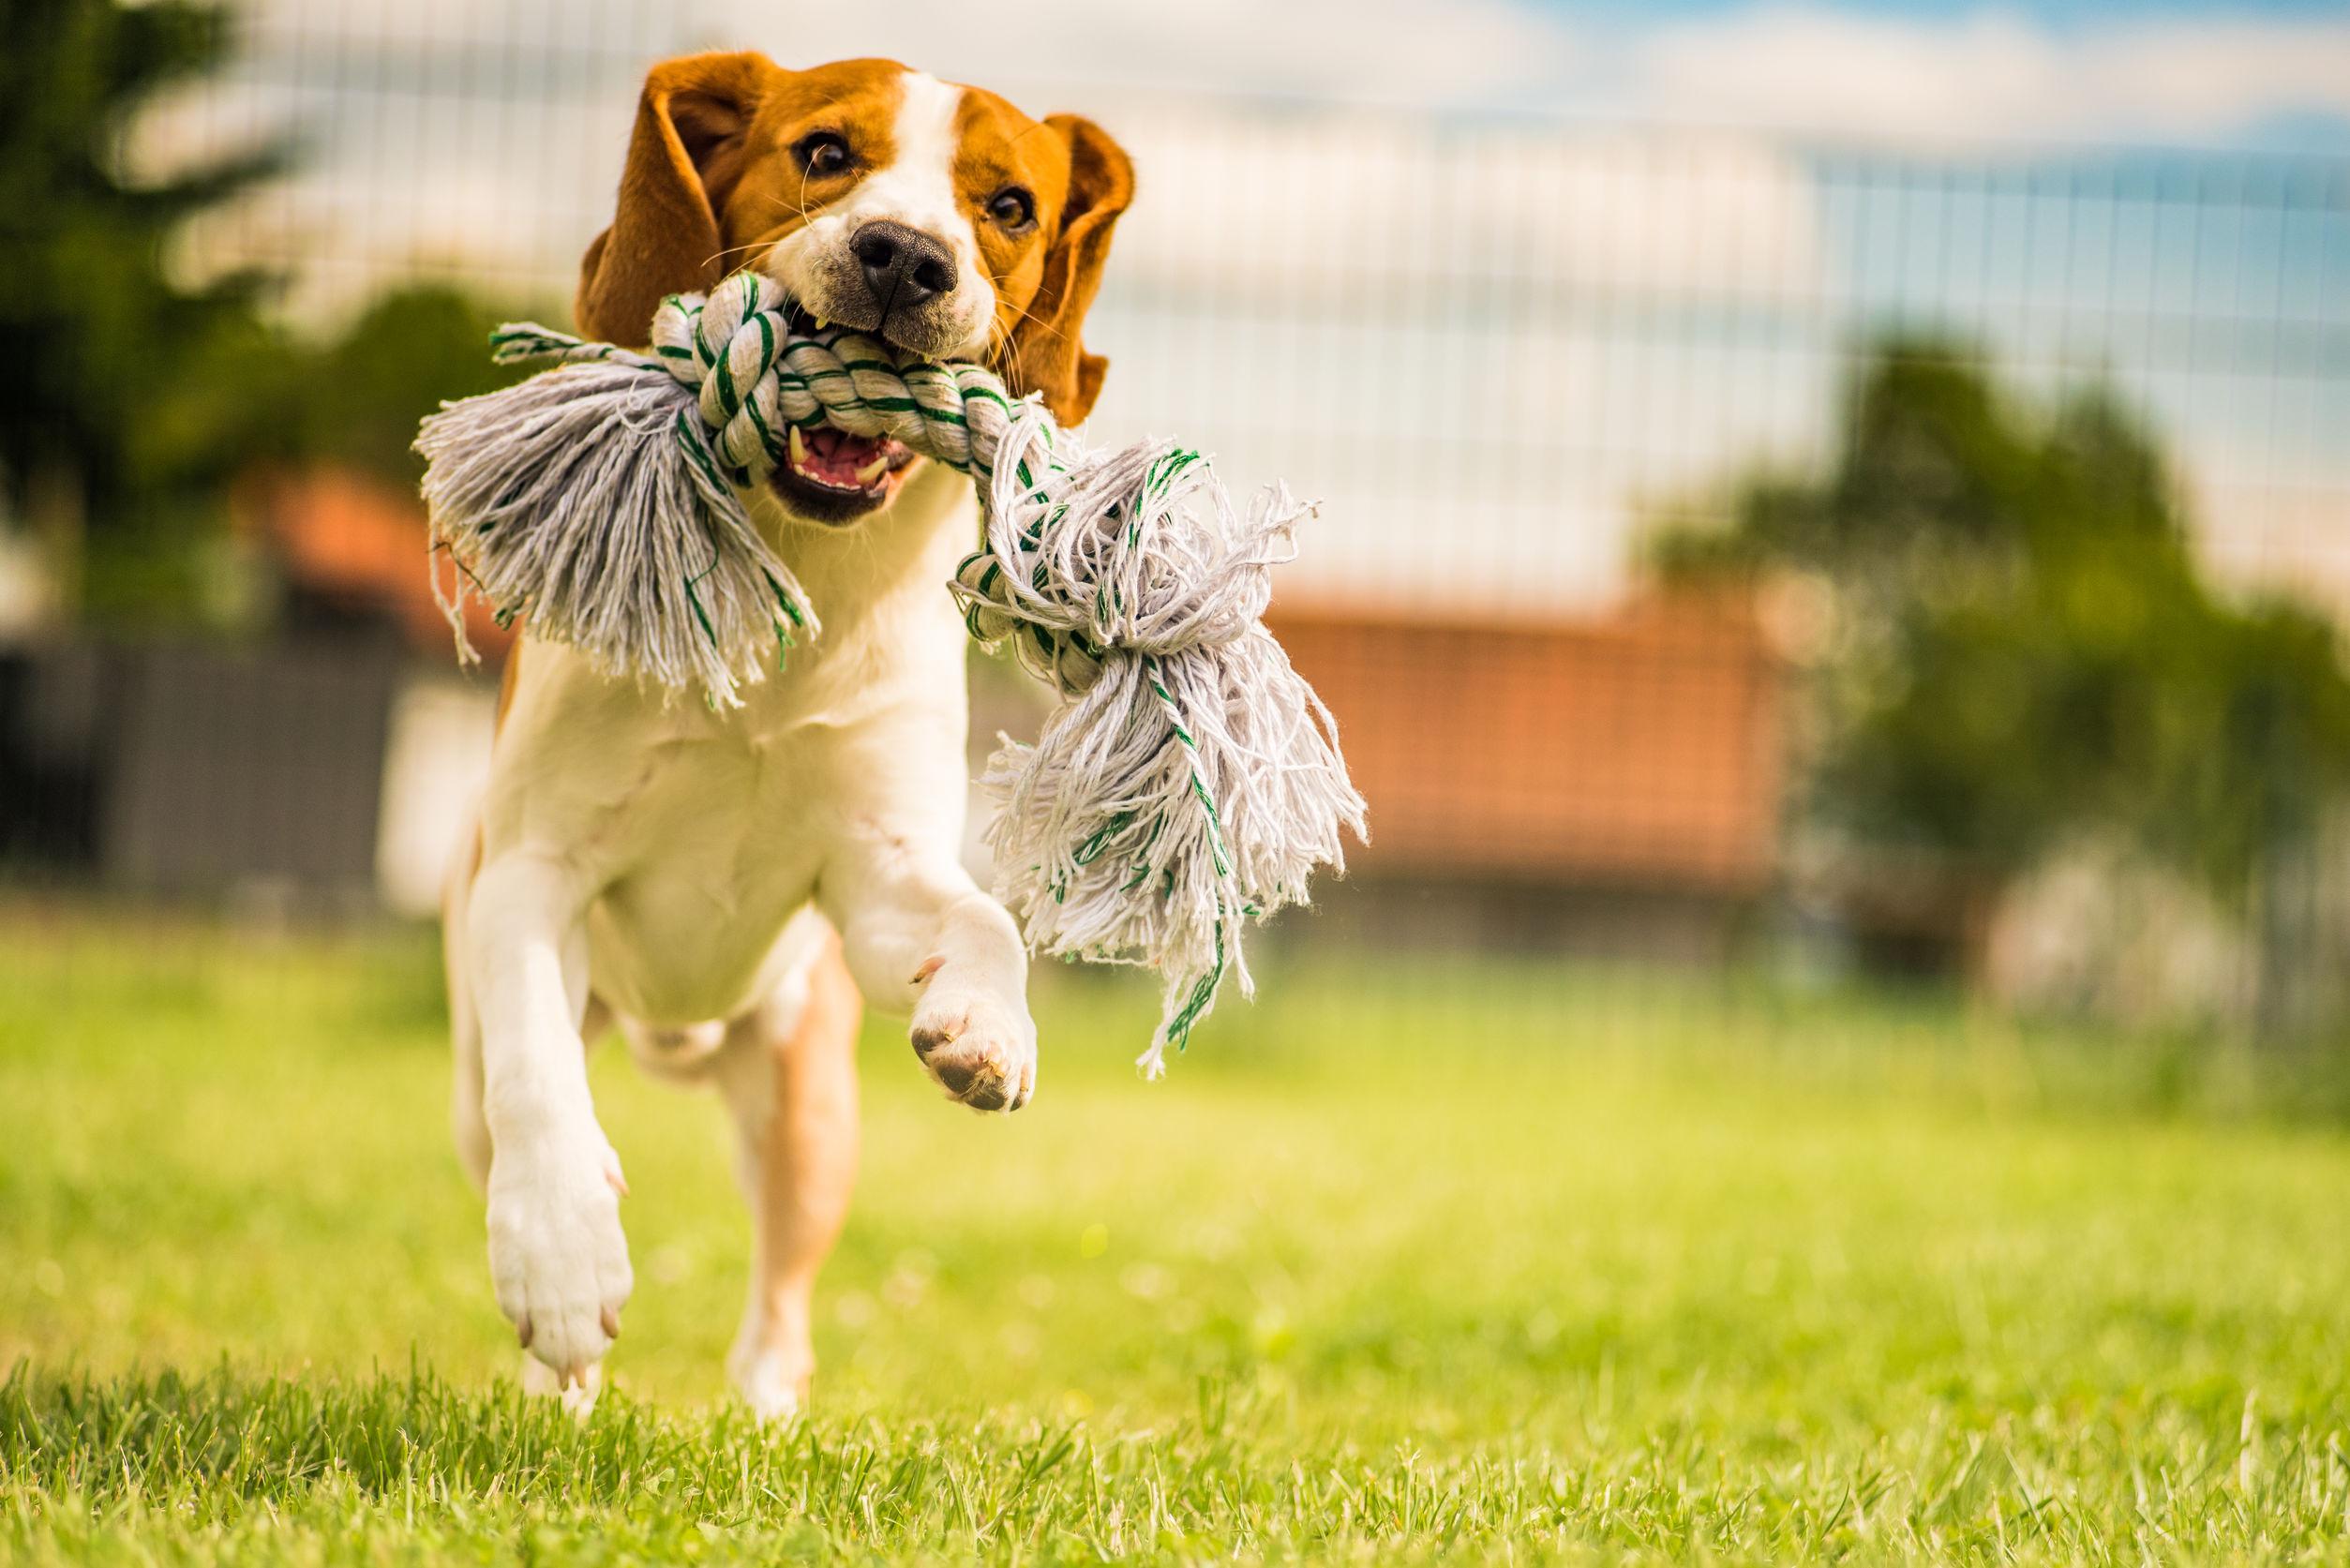 Perro Beagle corriendo en el jardín con un juguete